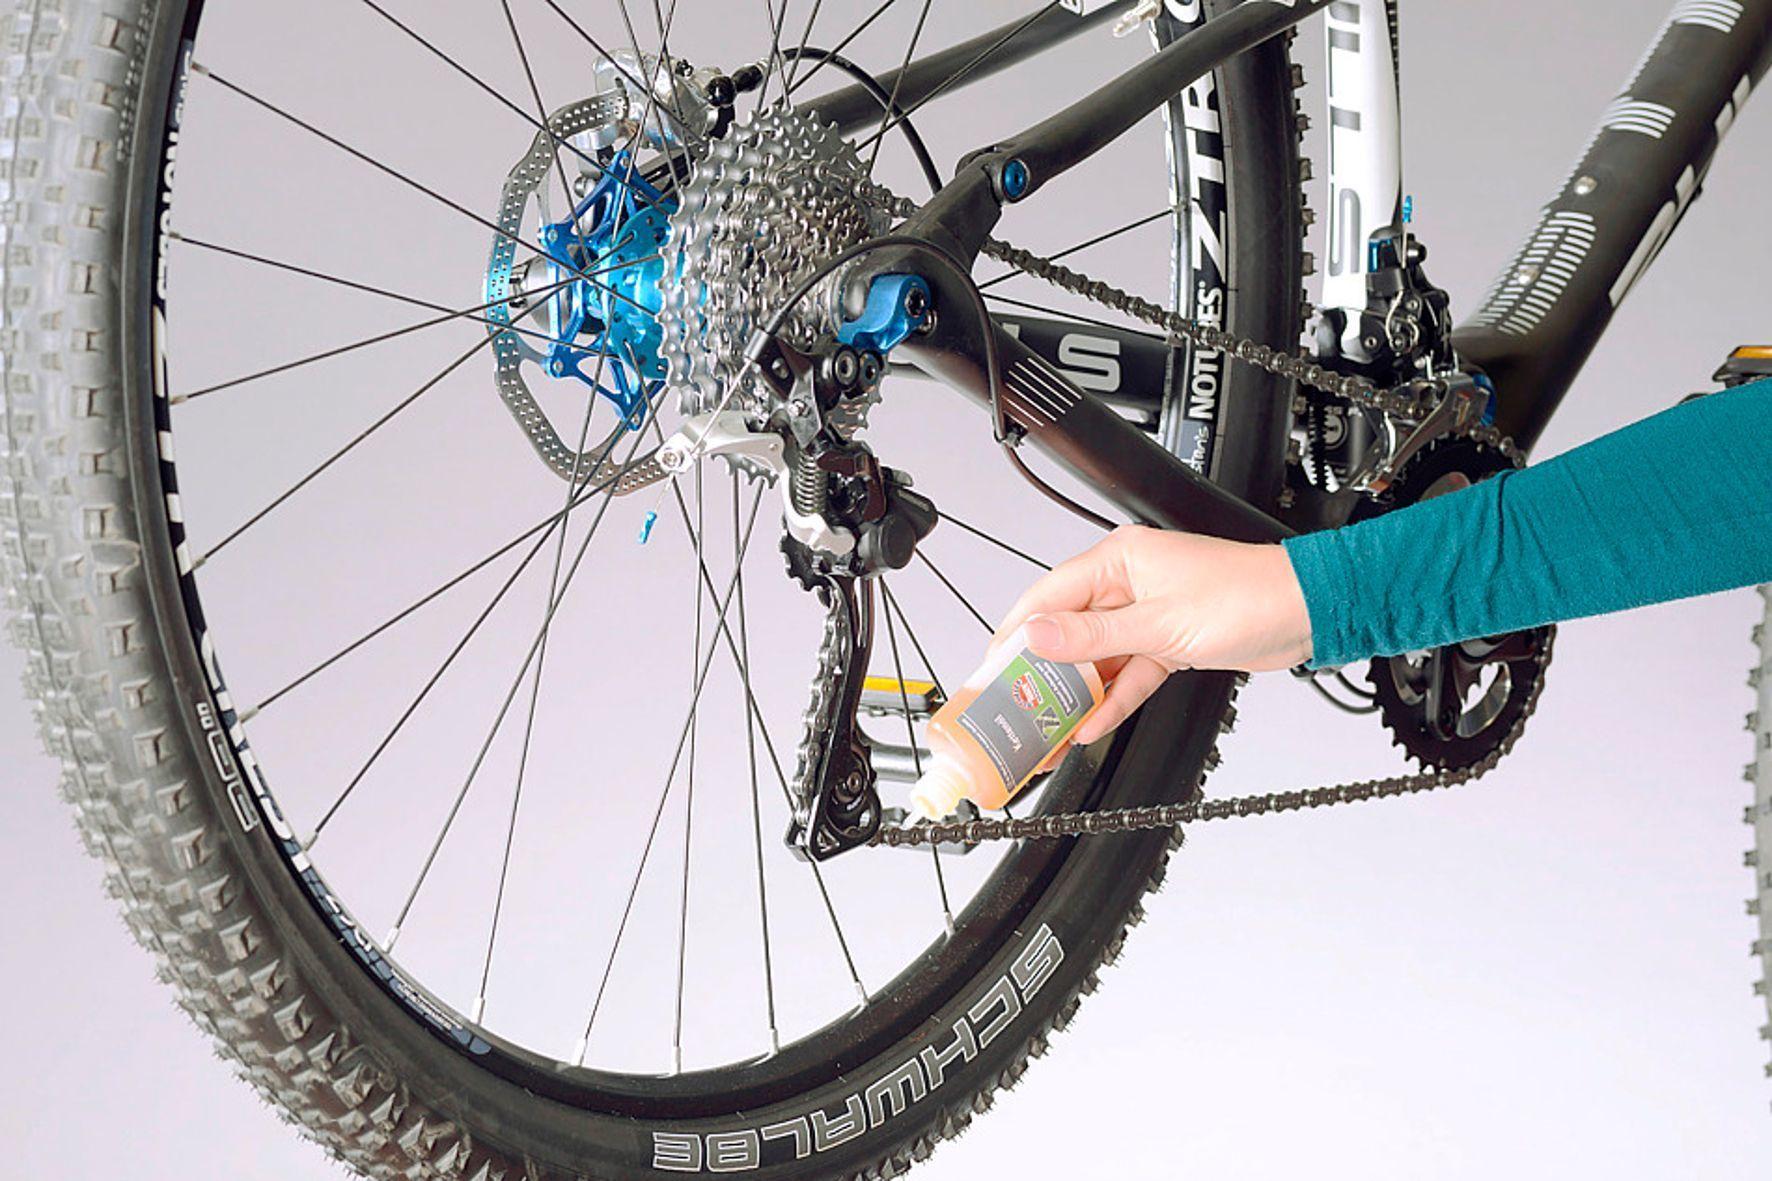 mid Groß-Gerau - Die GTÜ hat 15 Schmiermittel für Fahrradketten intensiv getestet.